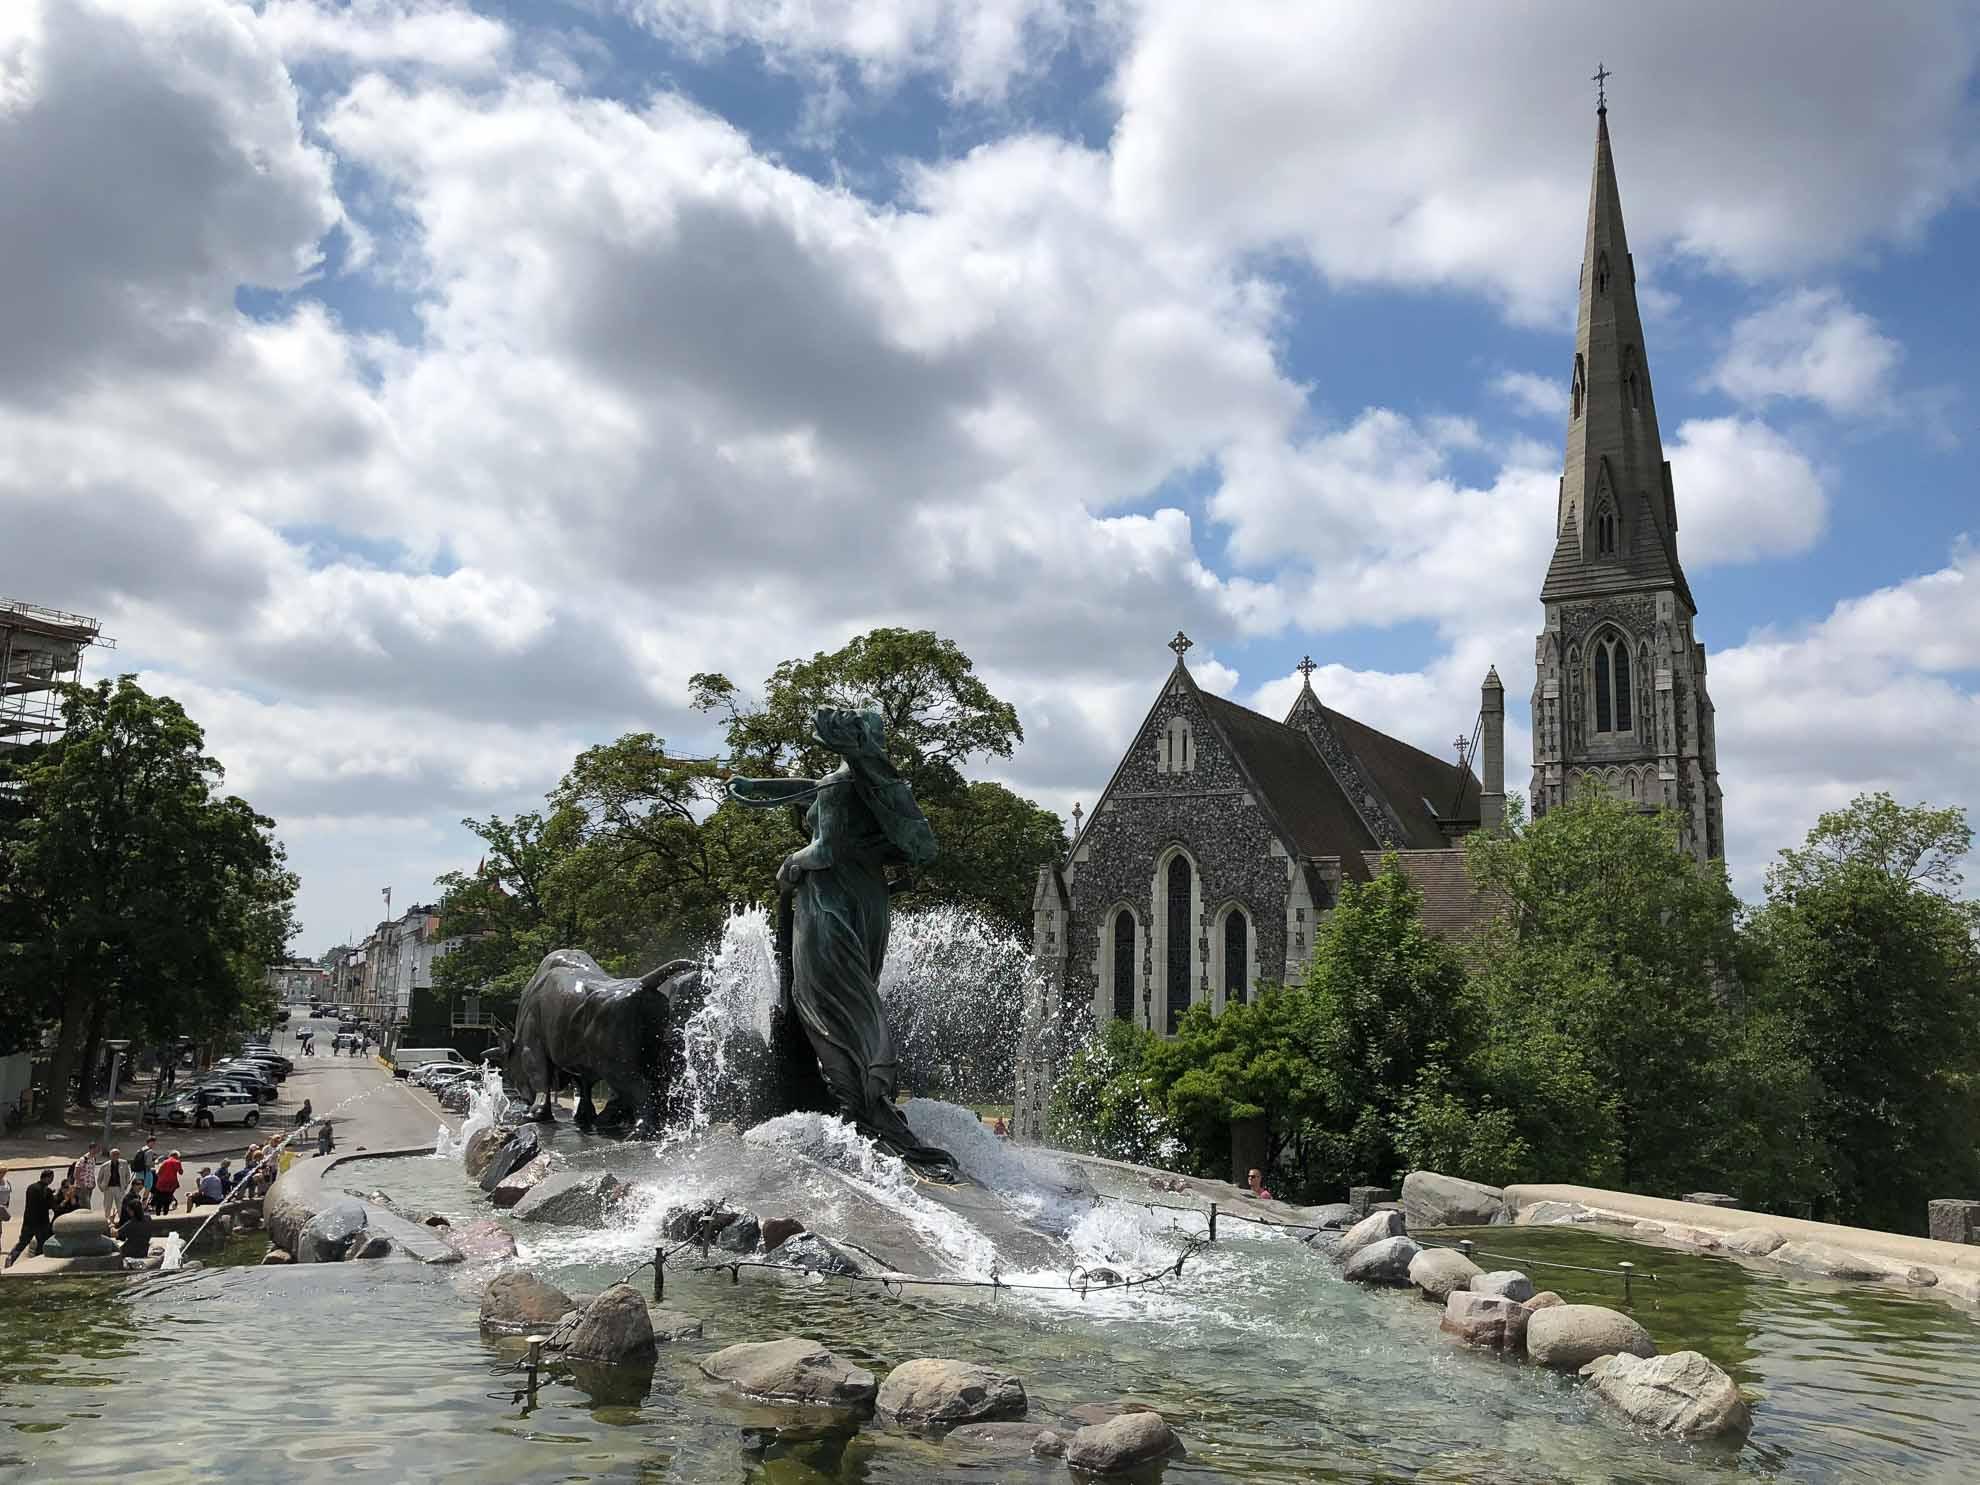 Der Gefion-Brunnen vor der St. Albans Kirche.